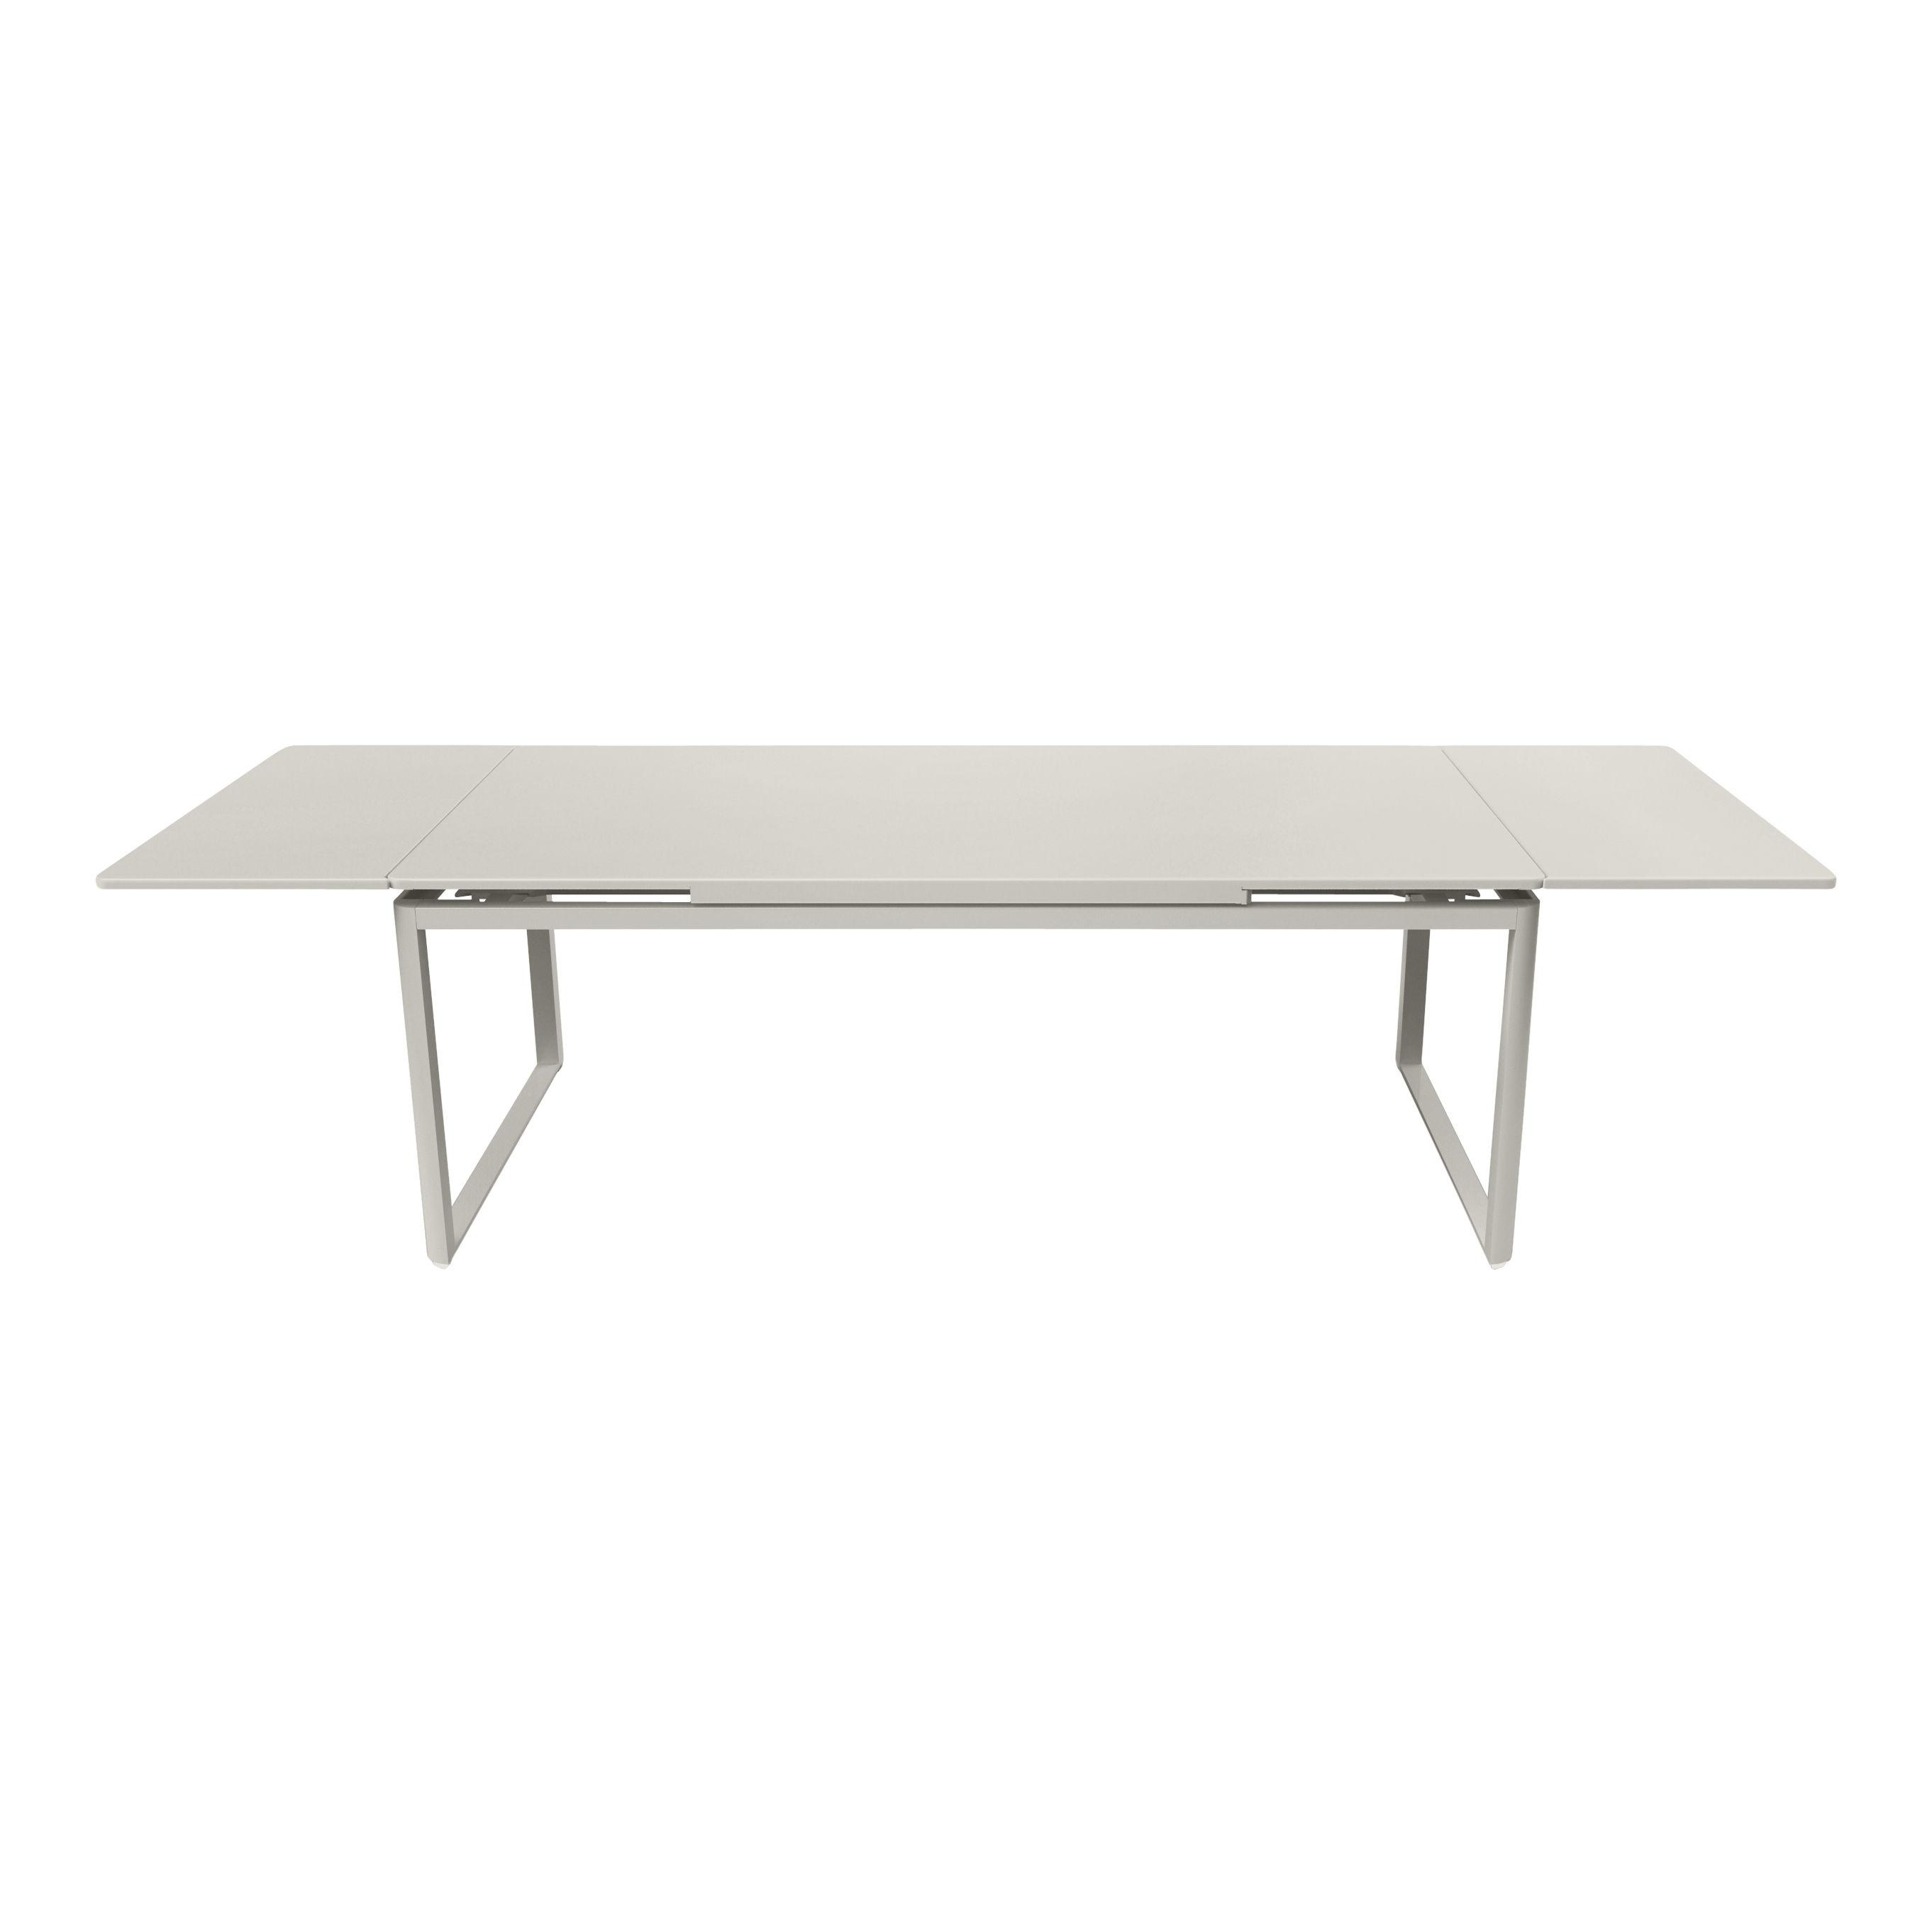 Outdoor - Tische - Biarritz Ausziehtisch / L 200 bis 300 cm - Fermob - Lehmgrau - lackierter Stahl, lackiertes Aluminium